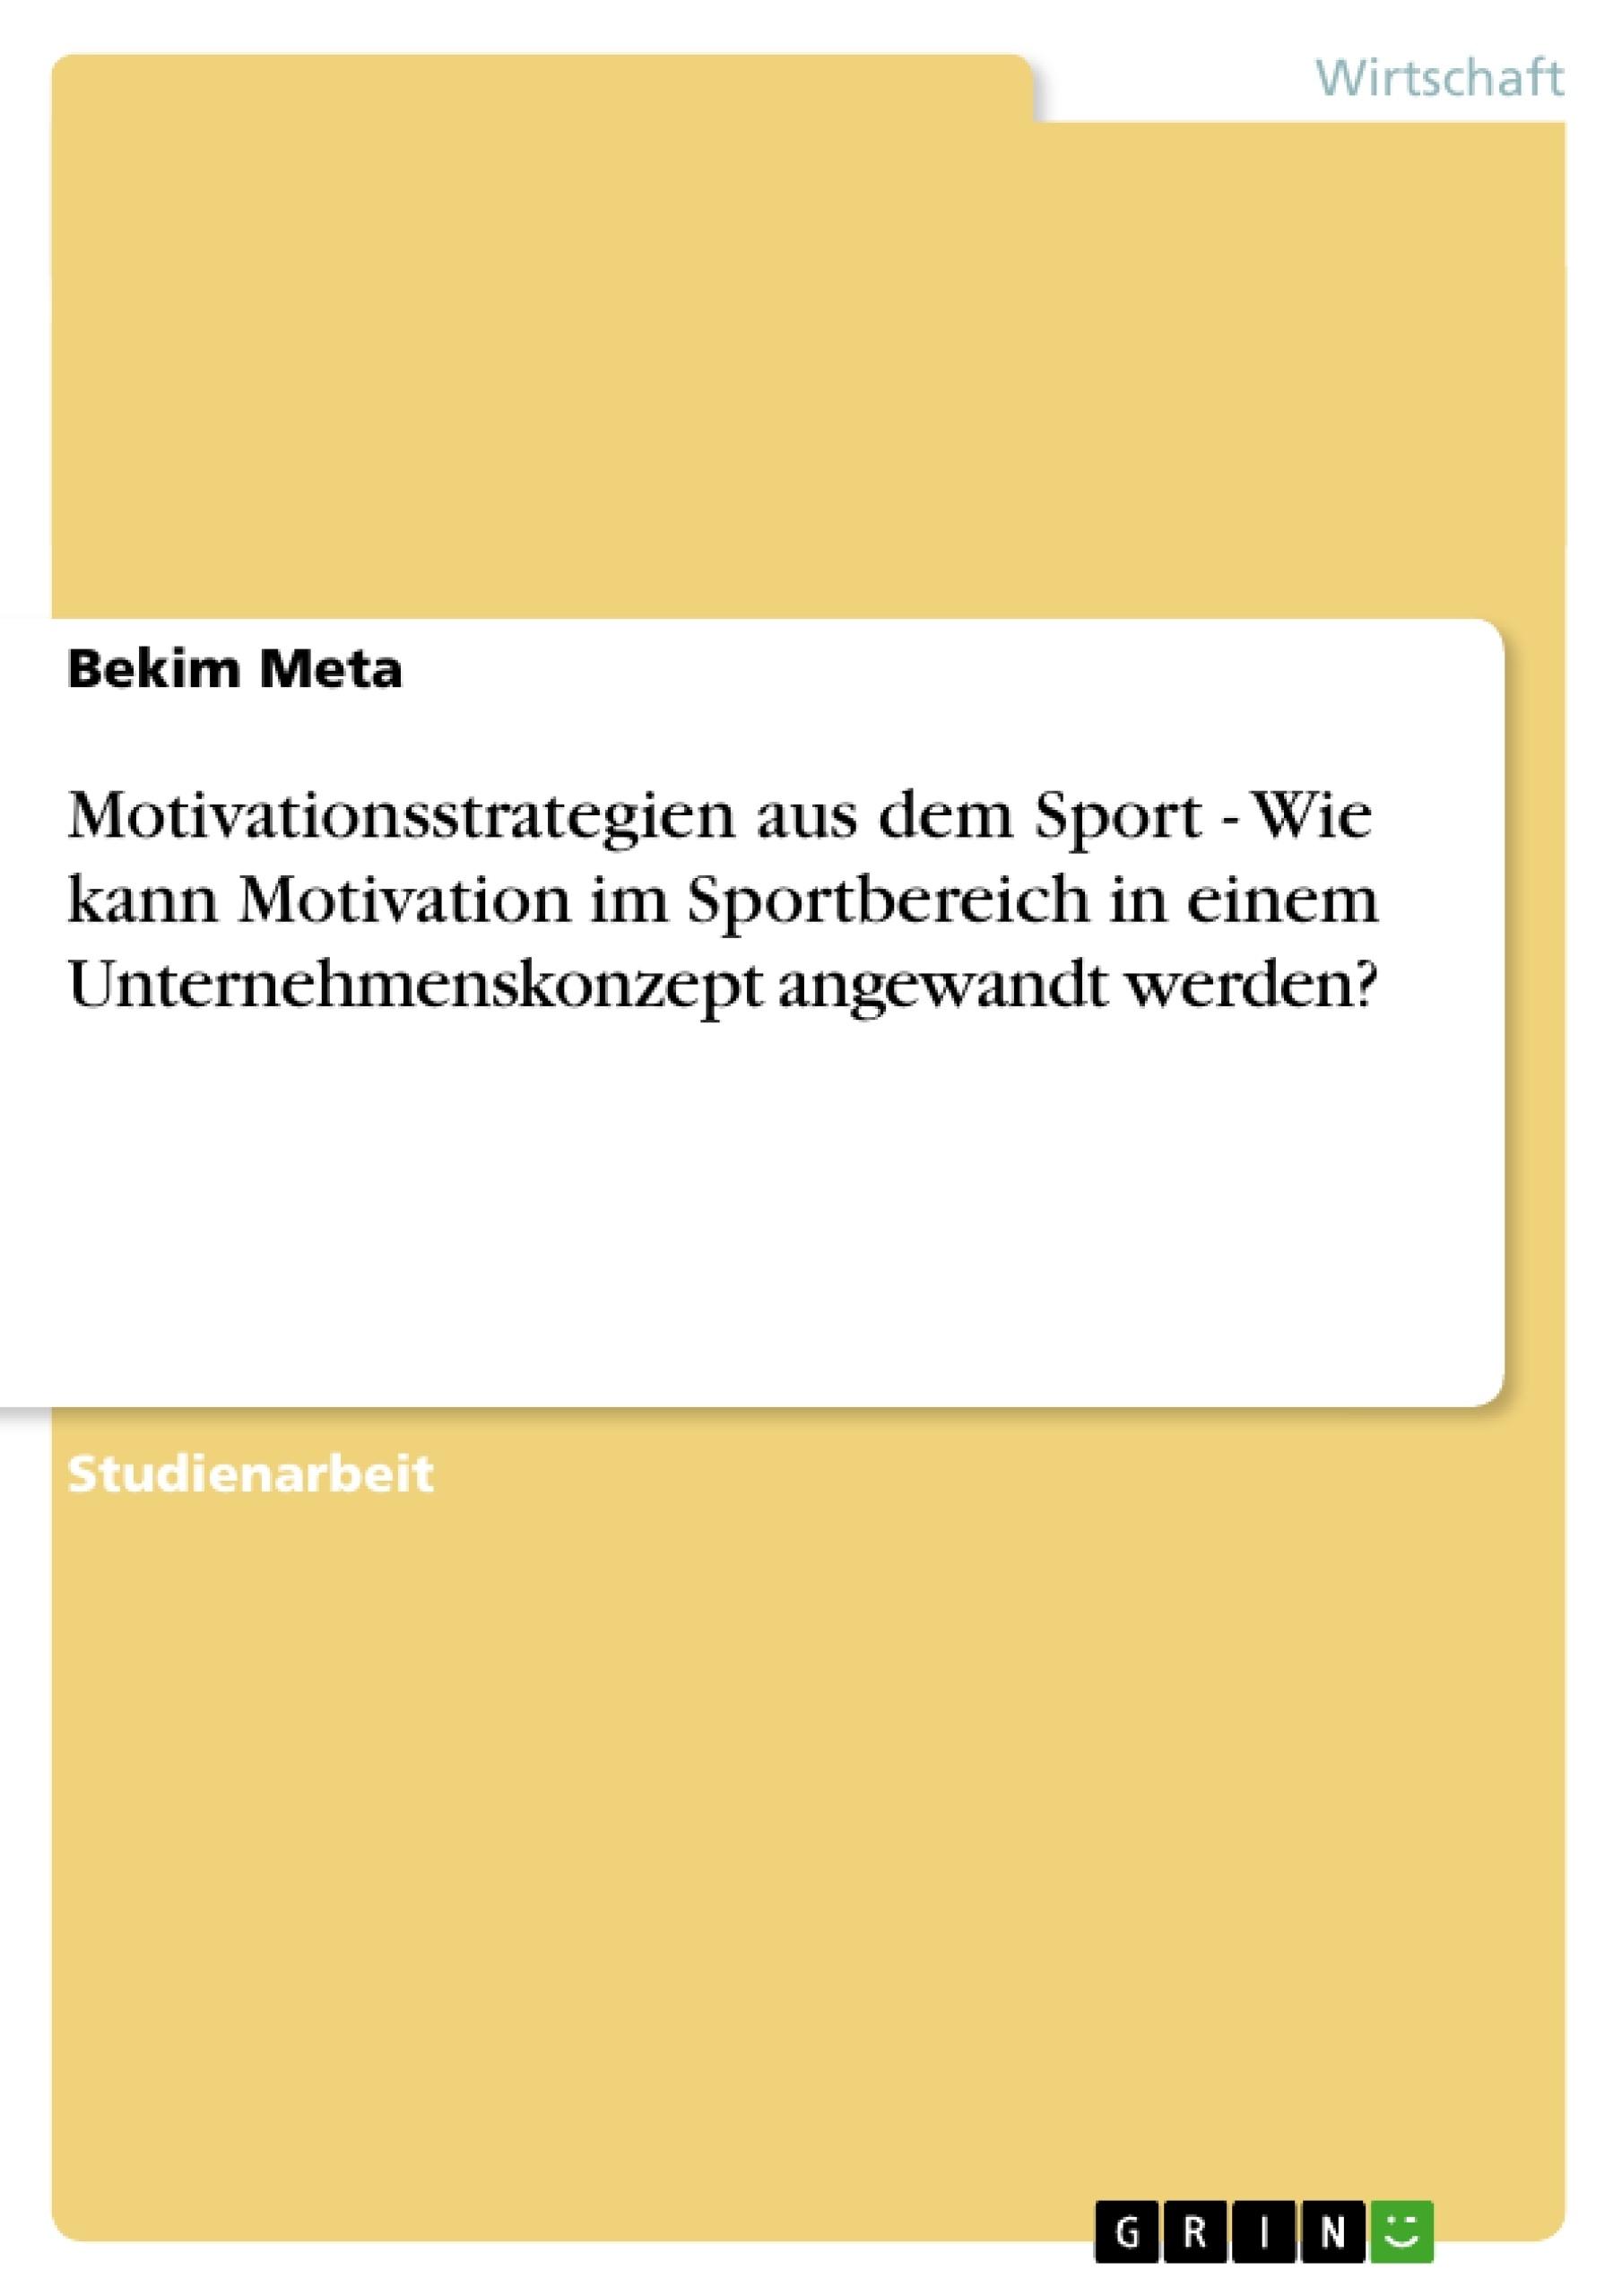 Titel: Motivationsstrategien aus dem Sport - Wie kann Motivation im Sportbereich in einem Unternehmenskonzept angewandt werden?